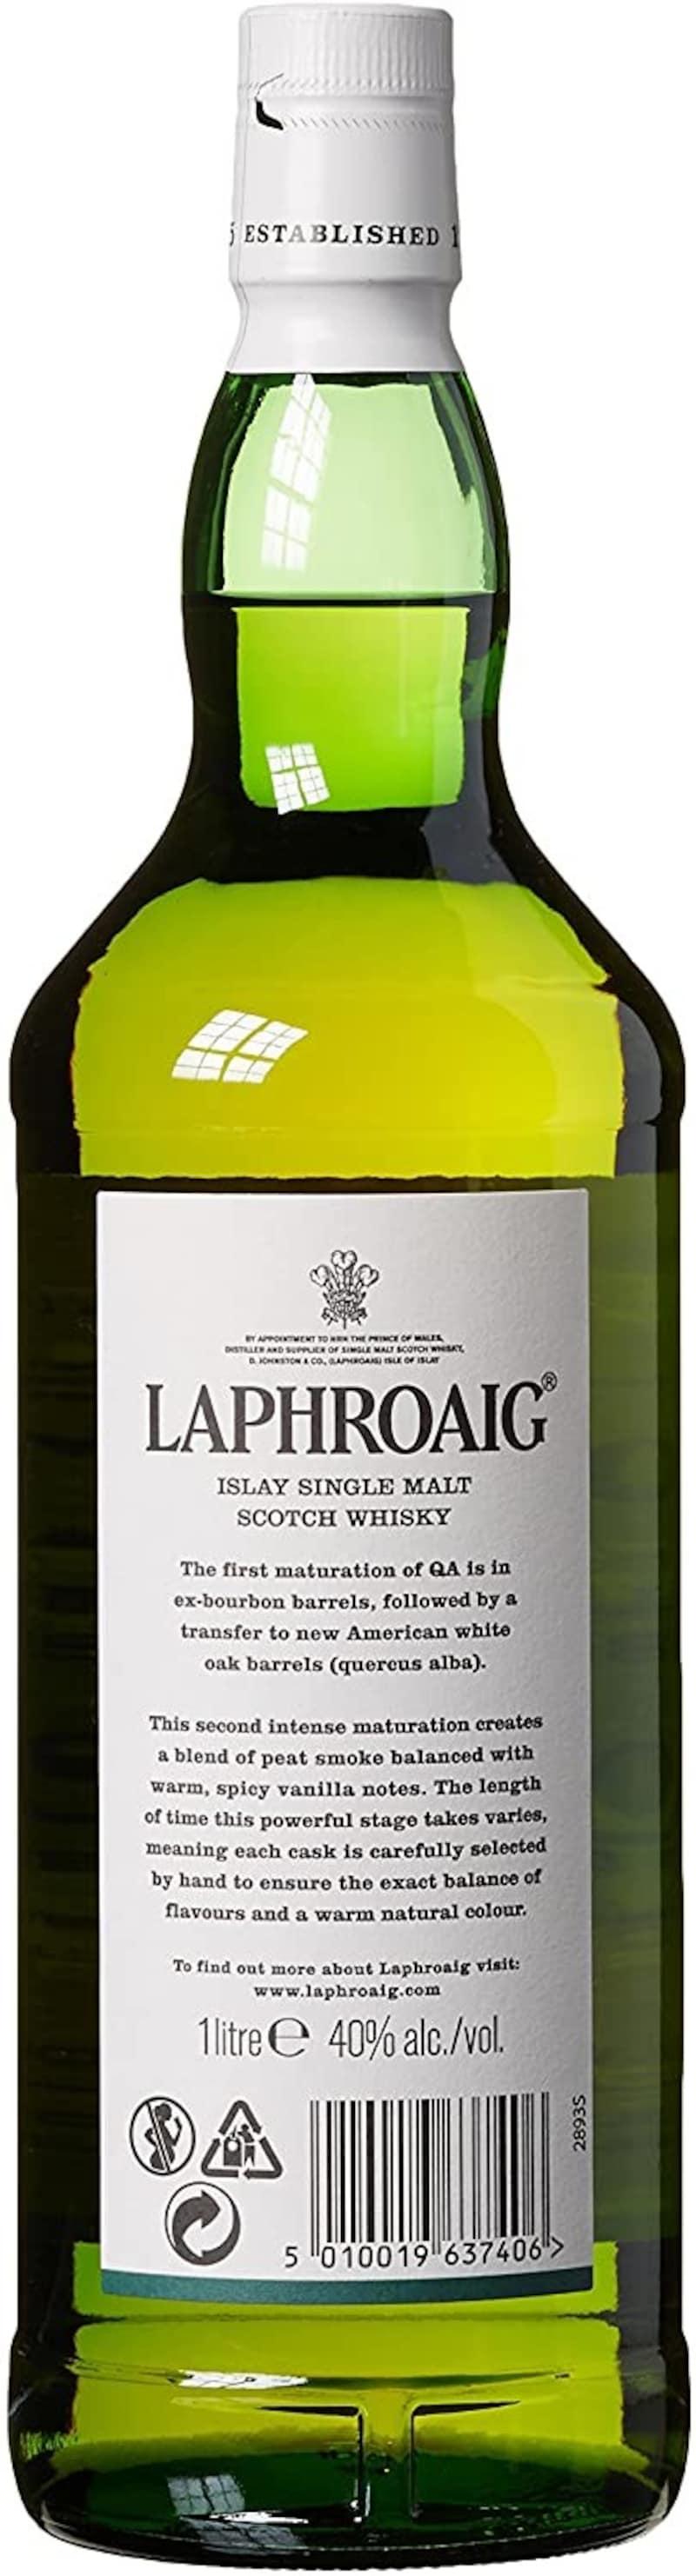 LAPHROAIG(ラフロイグ),ラフロイグ QAカスク